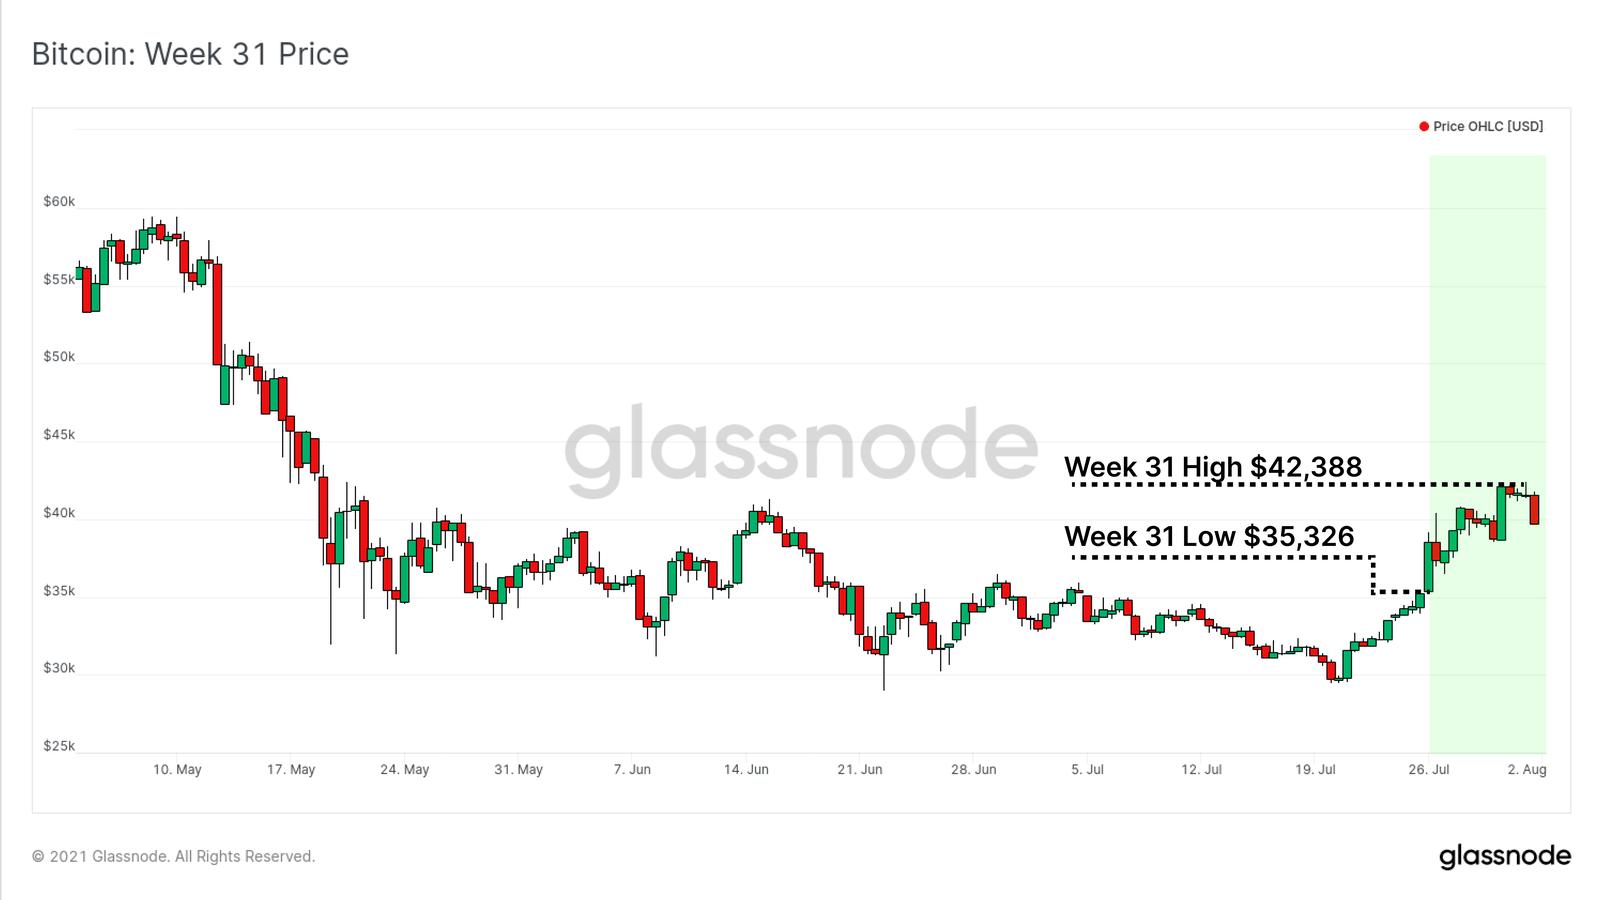 Bitcoin Preis von Glassnode